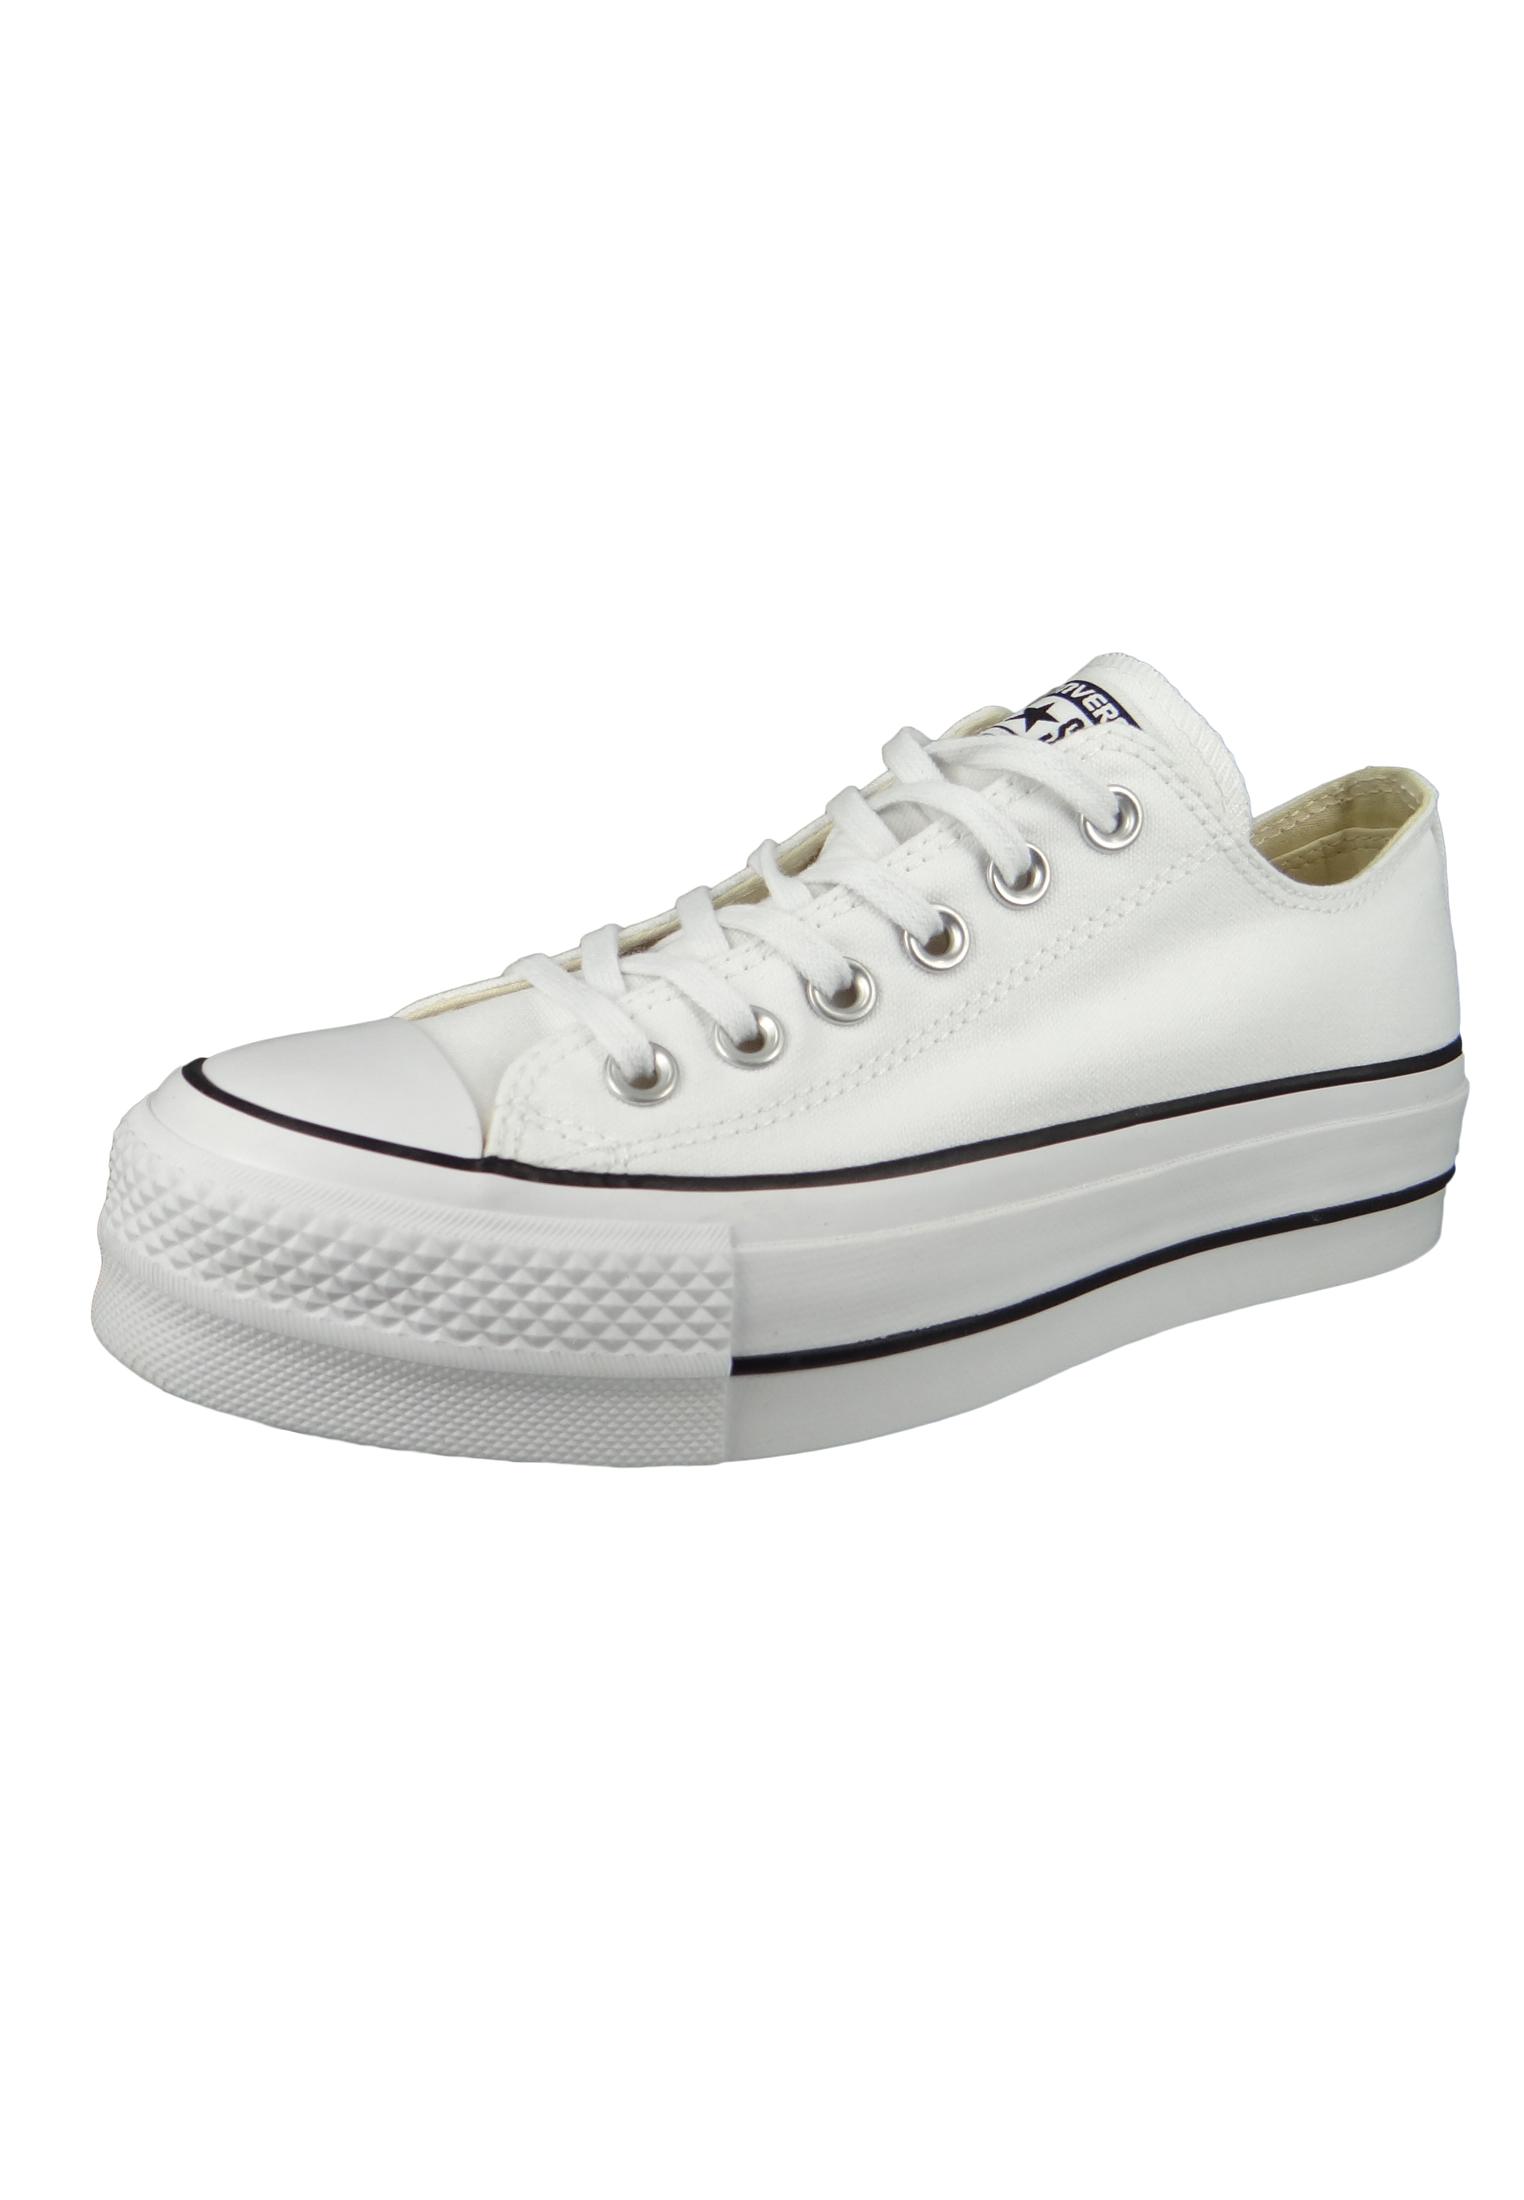 Converse Chucks Weiss 560251C Chuck Taylor All Star LIFT OX White Garnet Navy